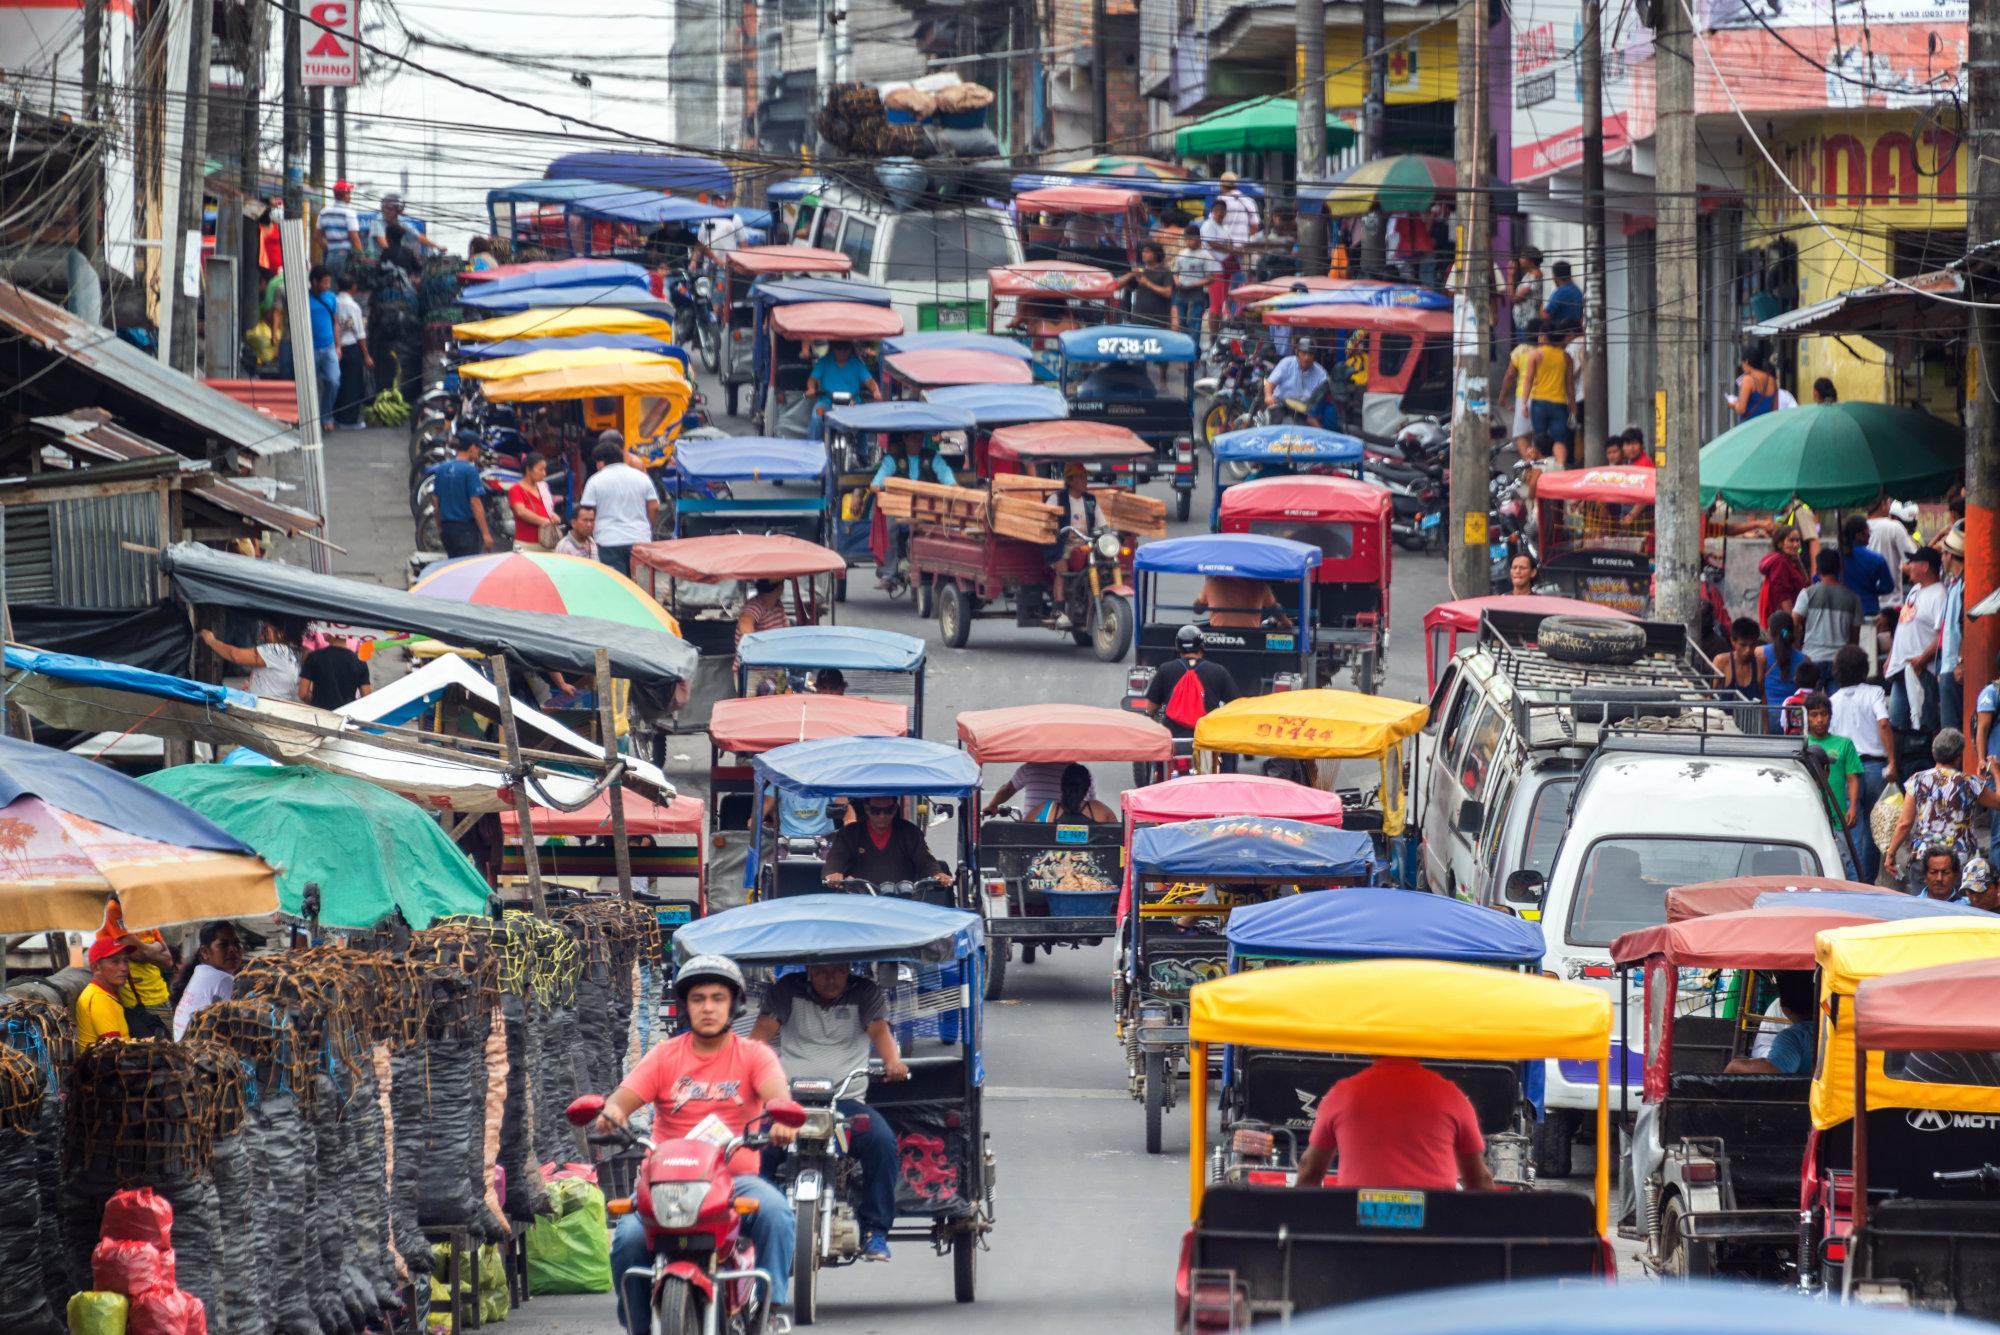 2. El 90% de las muertes por accidentes de tránsito se da en países de ingresos bajos y medianos. Lo paradójico es que estos solo tienen el 54% del parque mundial de vehículos matriculados. Foto: Jess Kraft - Shutterstock